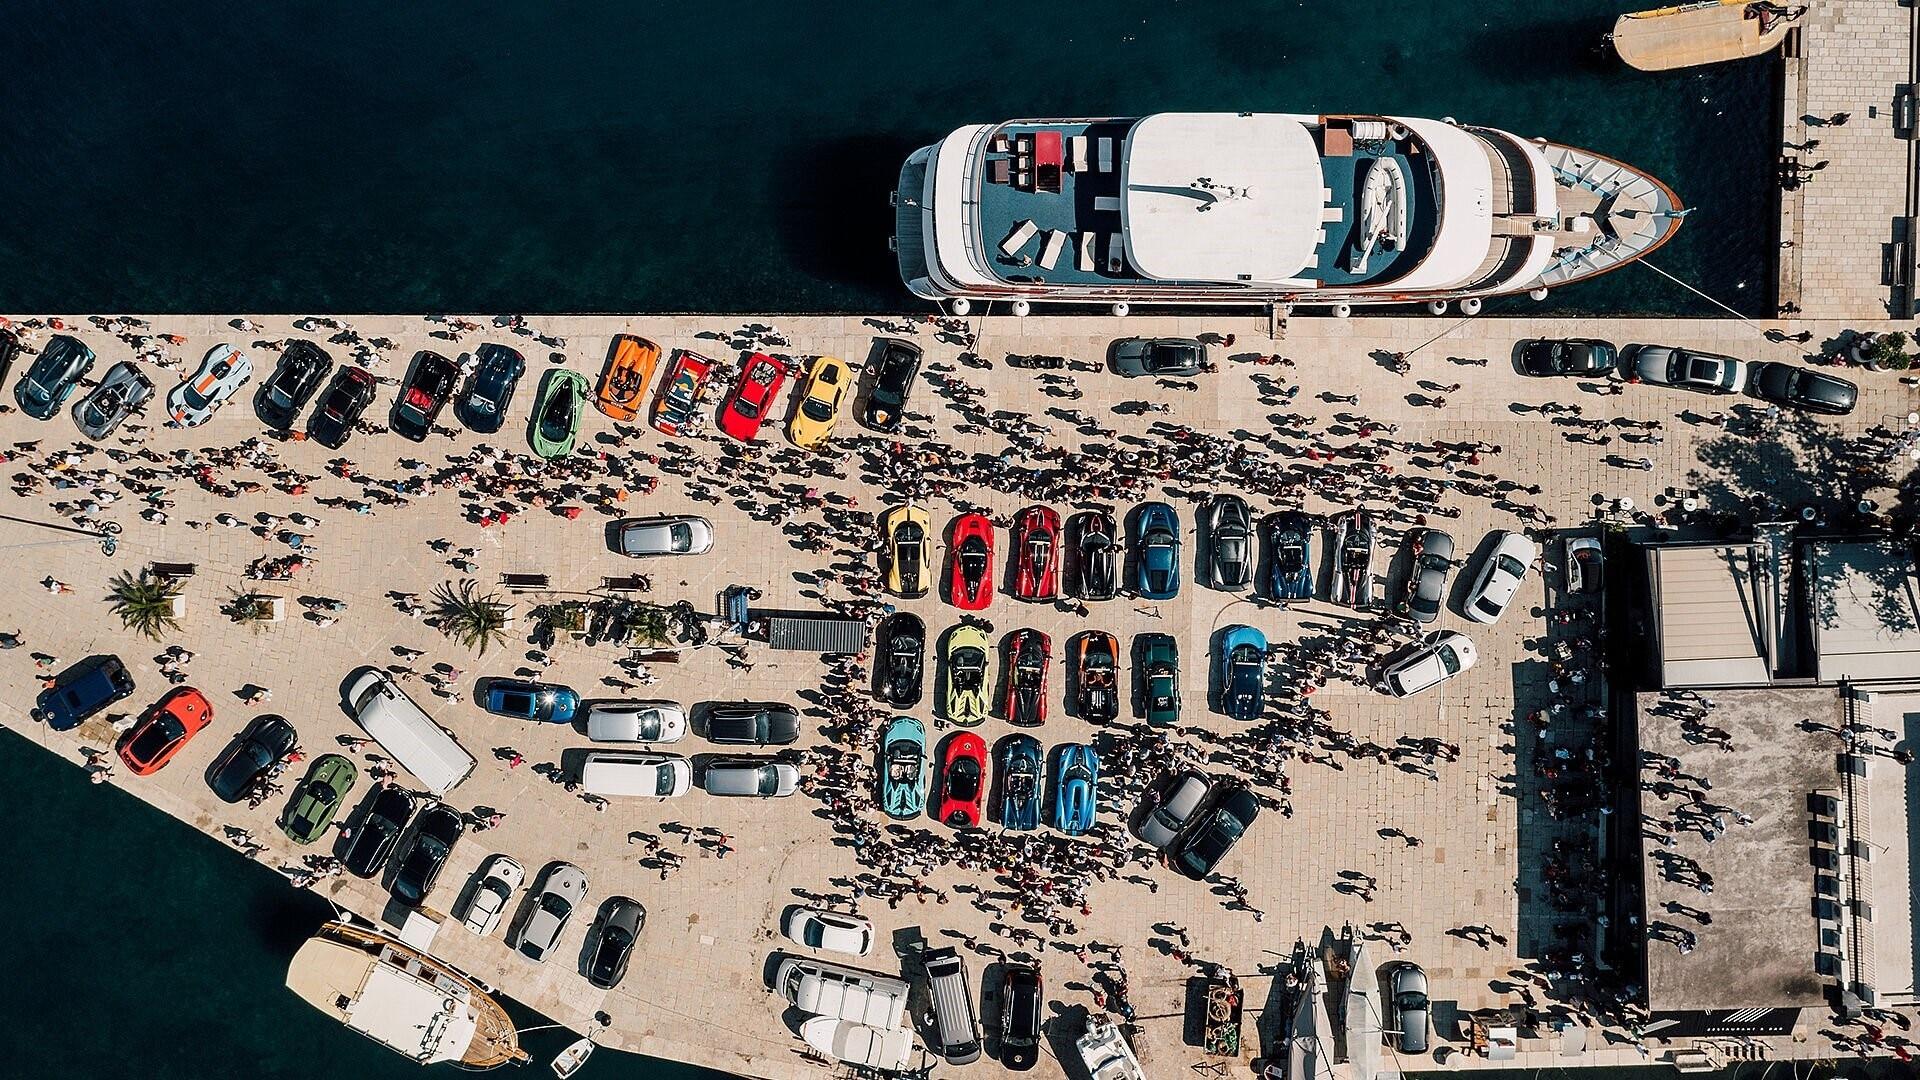 Auto Shows & Car Cruise-ins in Miami